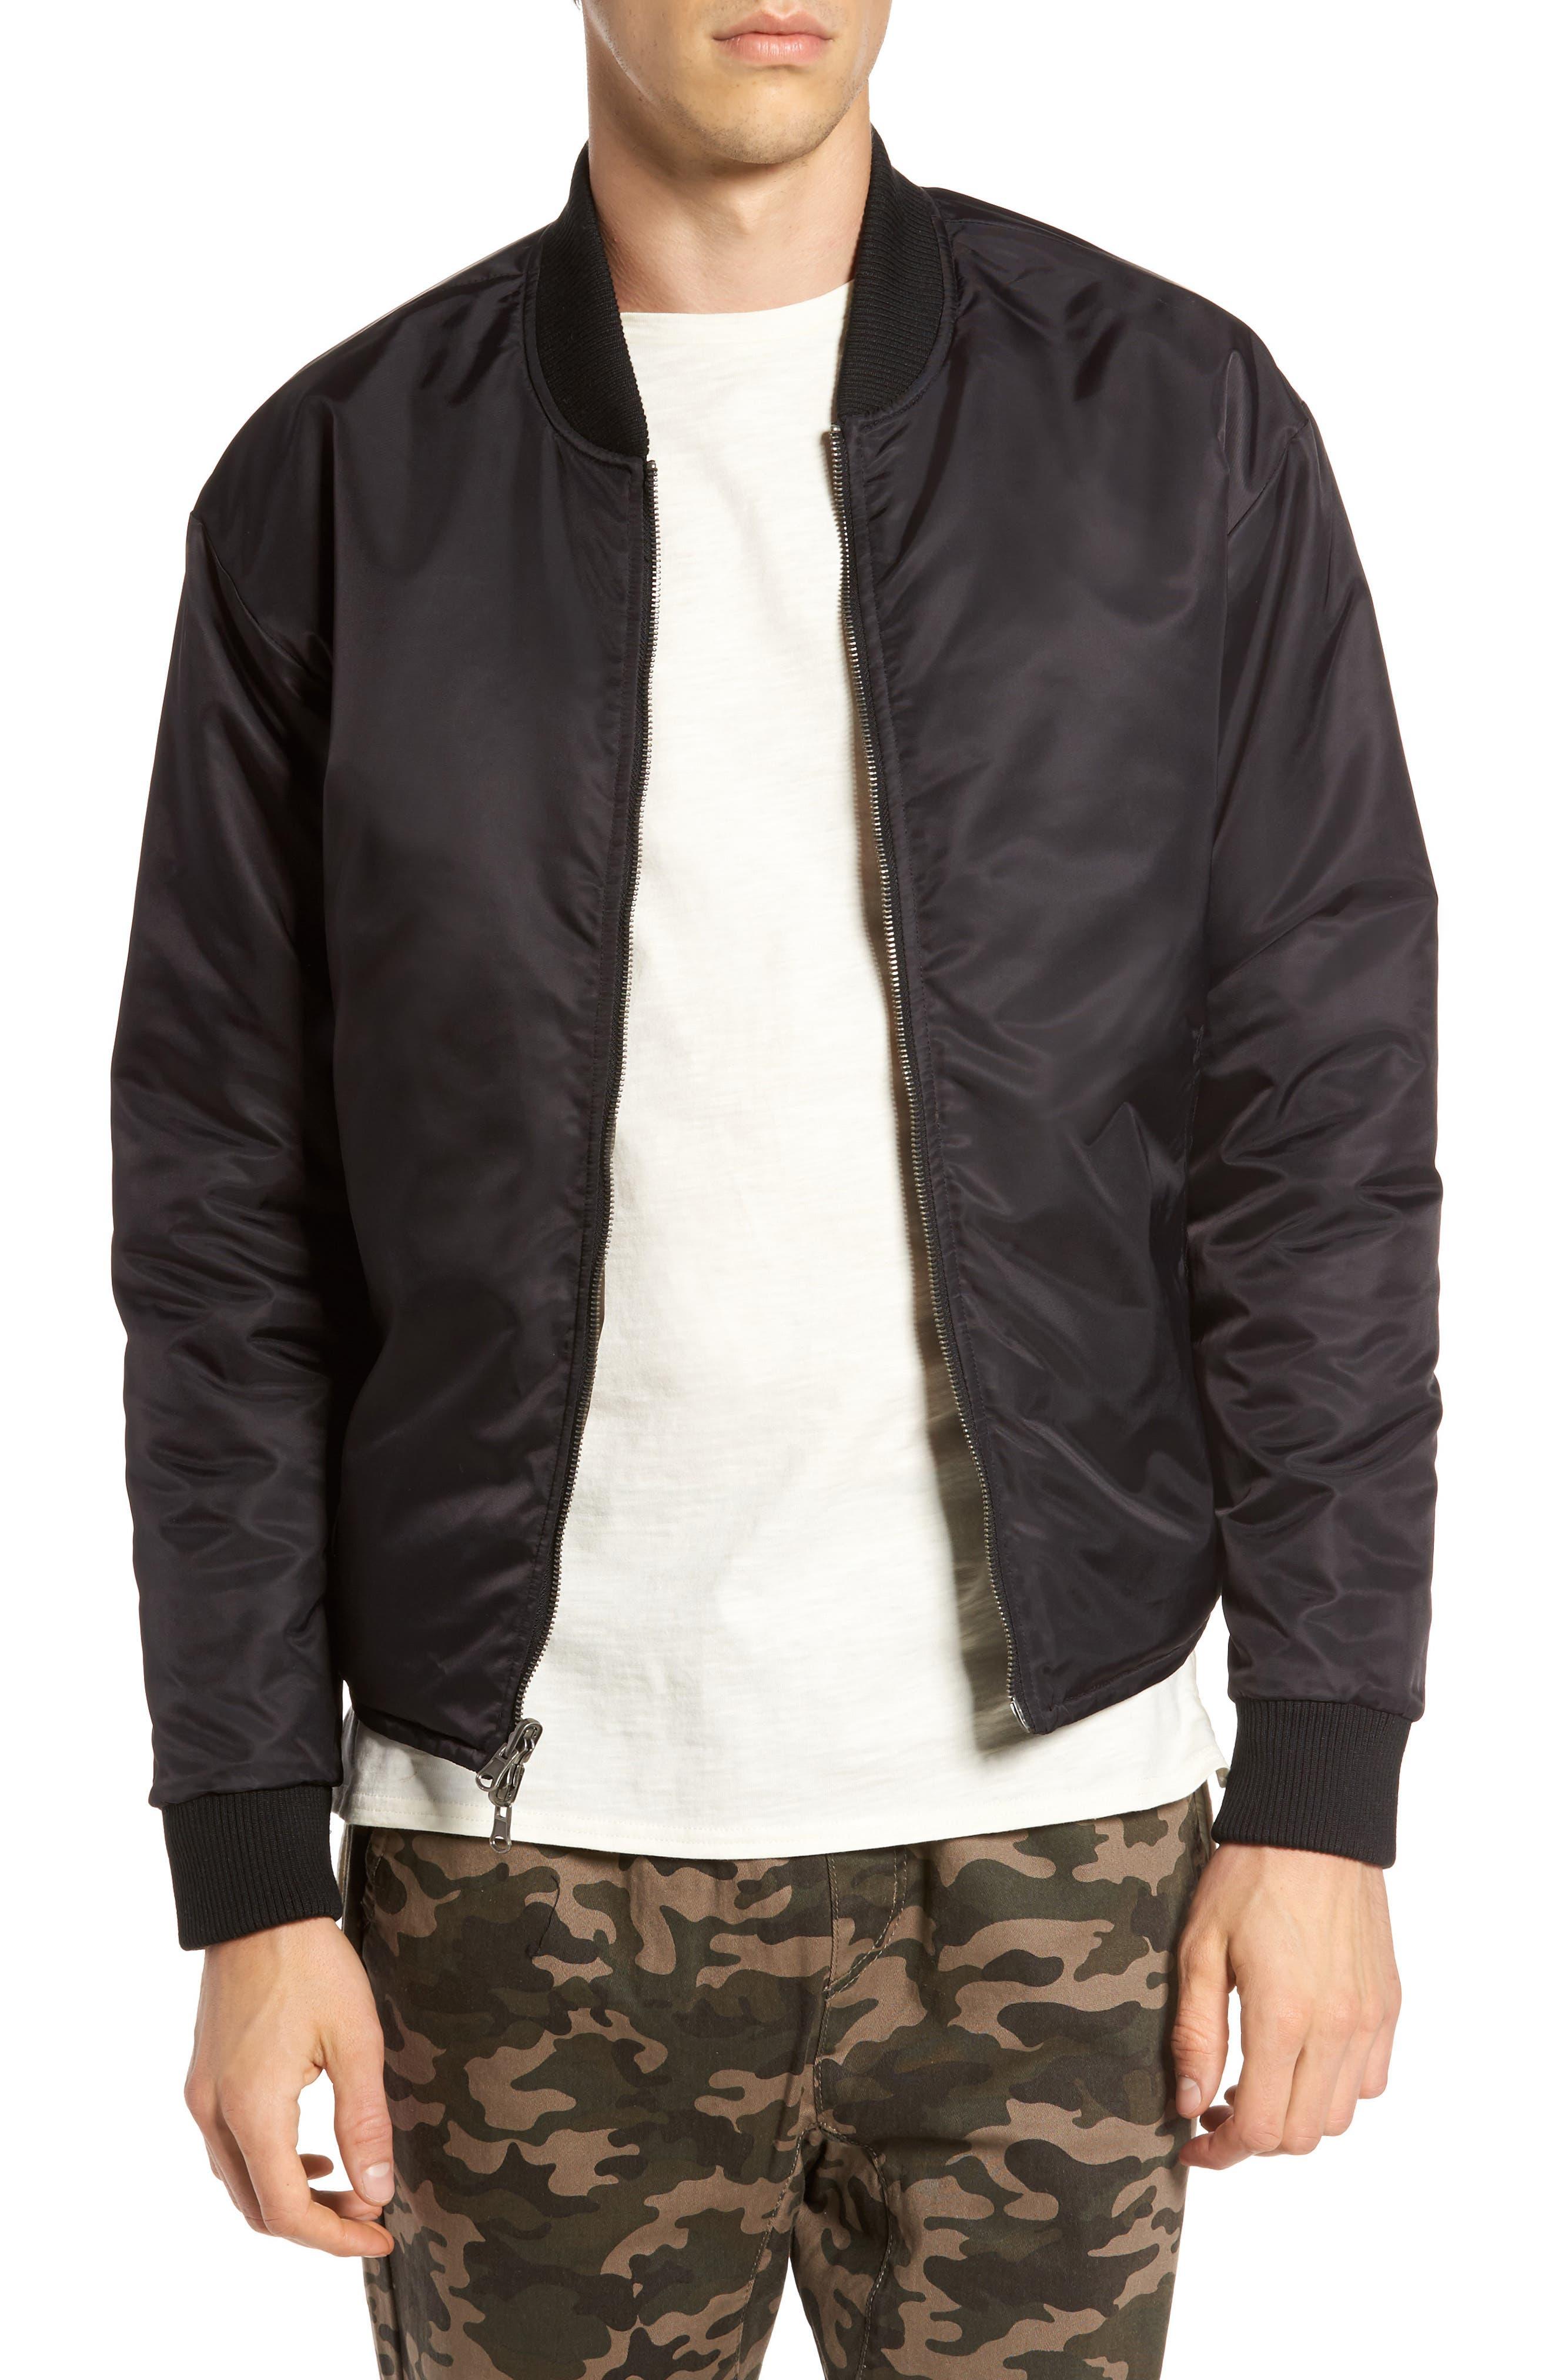 Main Image - Lira Clothing Kevion Reversible Bomber Jacket